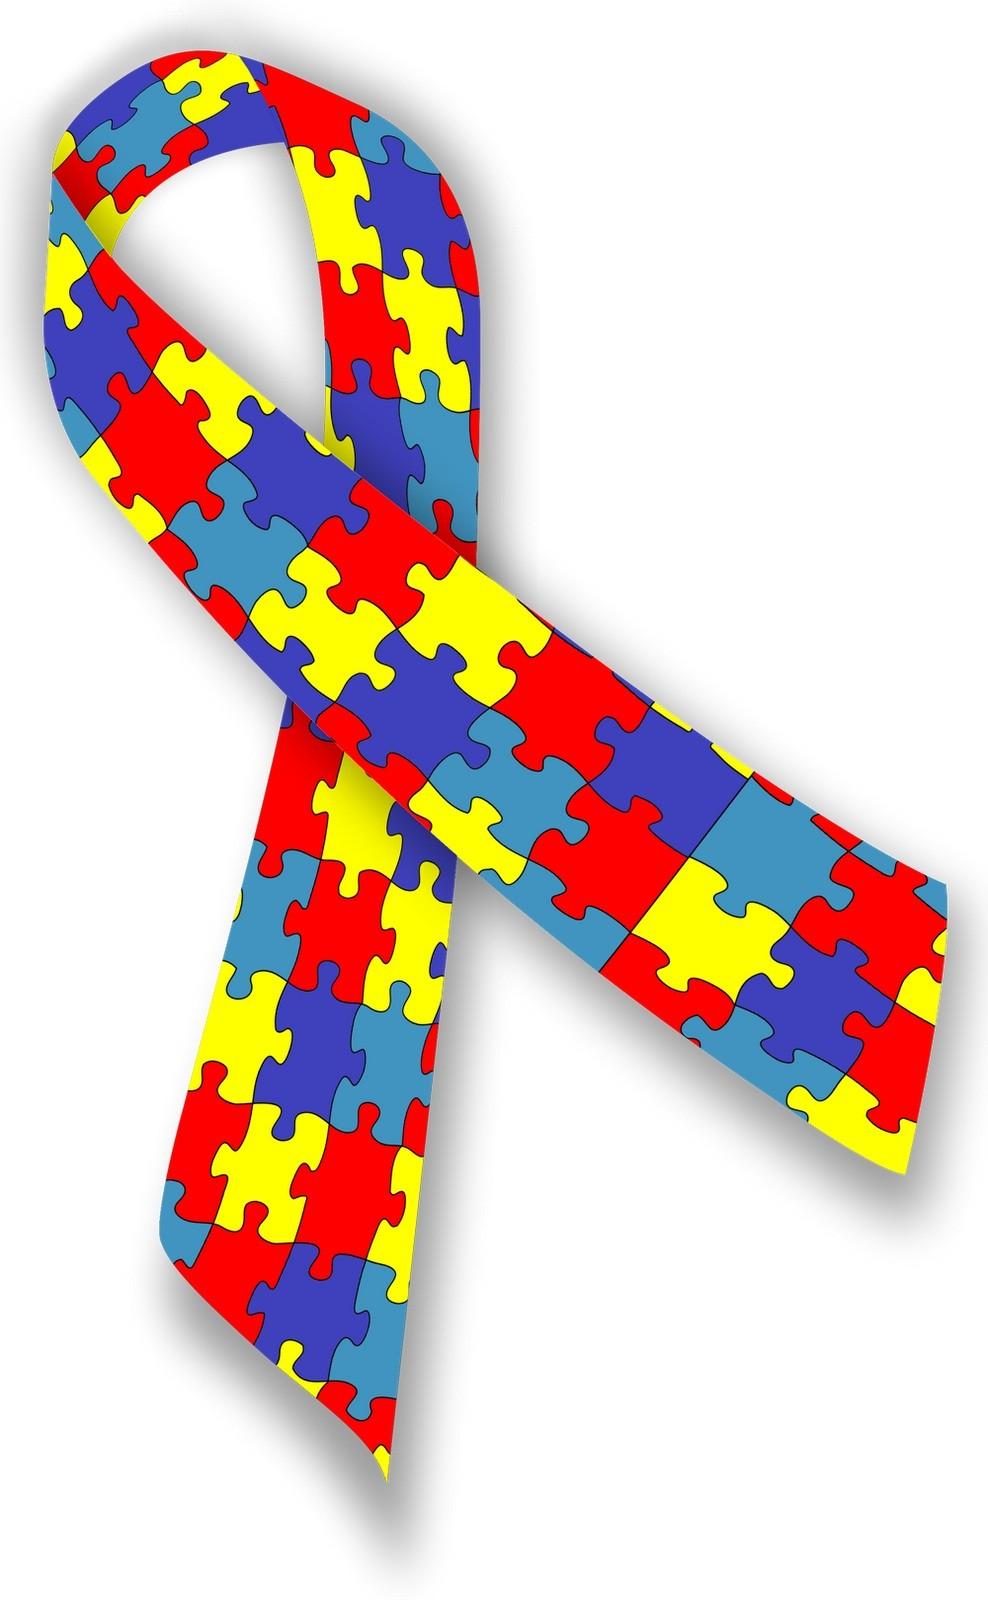 Símbolo do autismo é uma fita formada por peças de quebra-cabeça, representando a complexidade e diversidade de pessoas no espectro  (Foto: Divulgação)